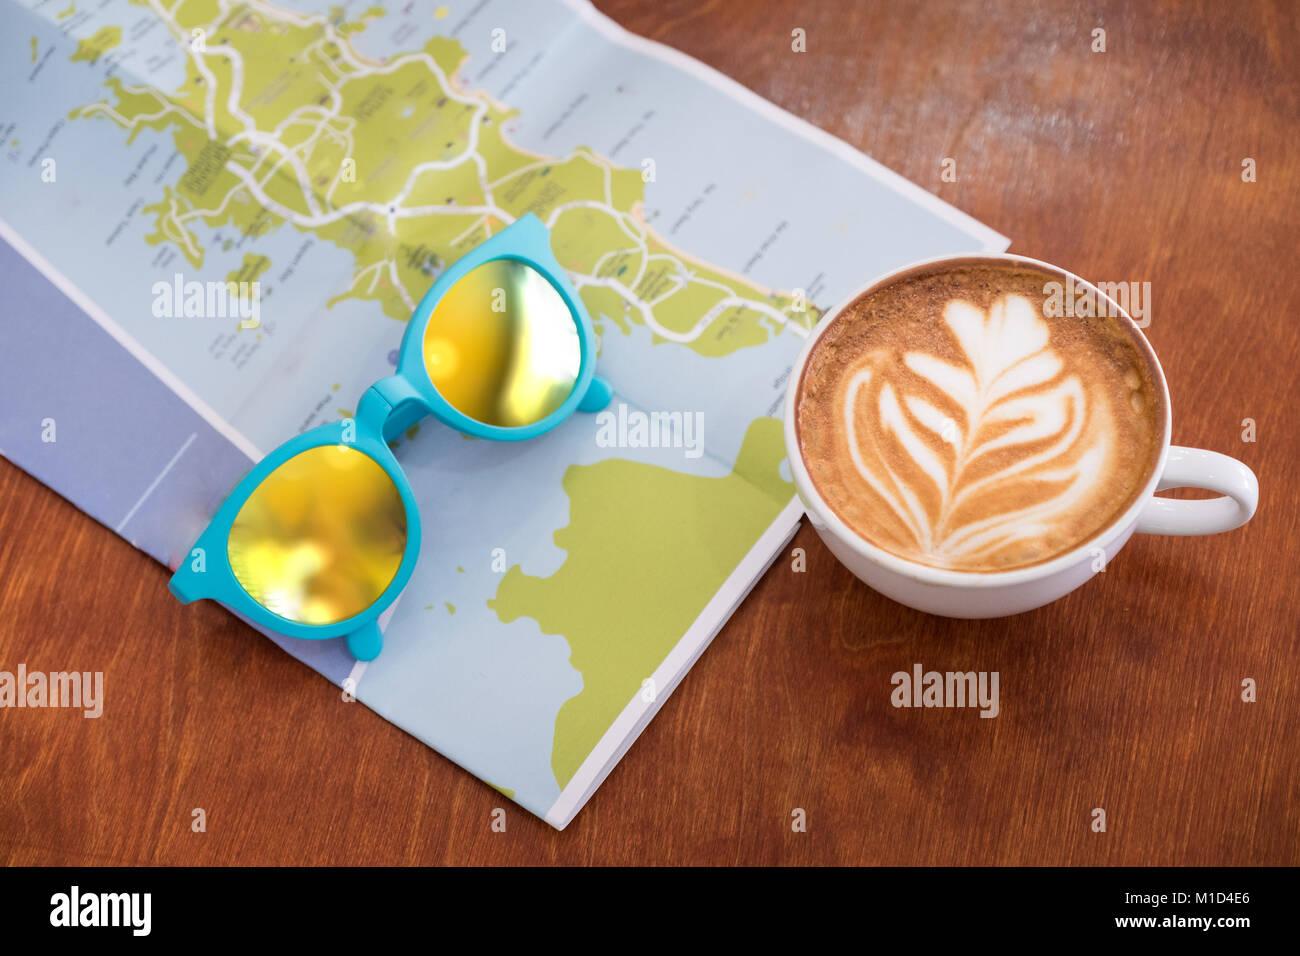 Tasse de café blanc avec latte art avec la carte de voyage et lunettes sur table en bois marron,activité Photo Stock